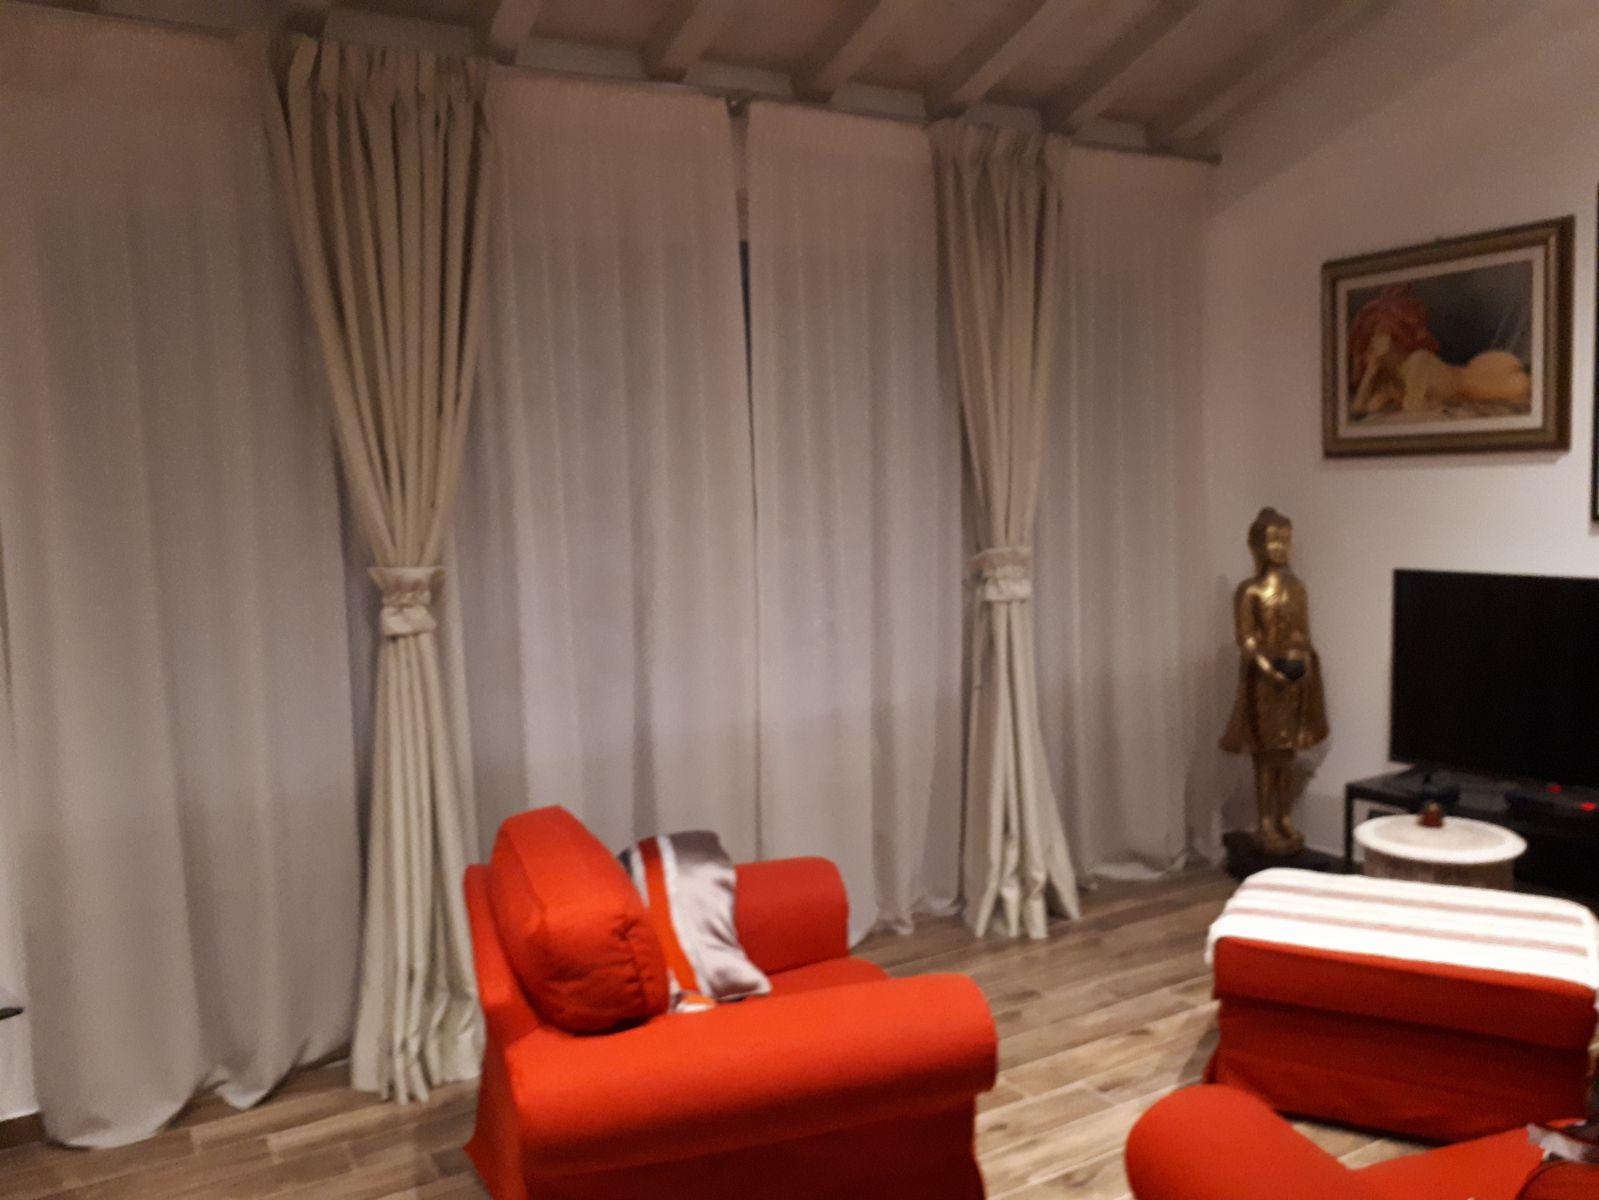 Tenda Doppia Con Bastone.Tende Arricciate Classiche O Moderne Sceglile Con La Nostra Guida